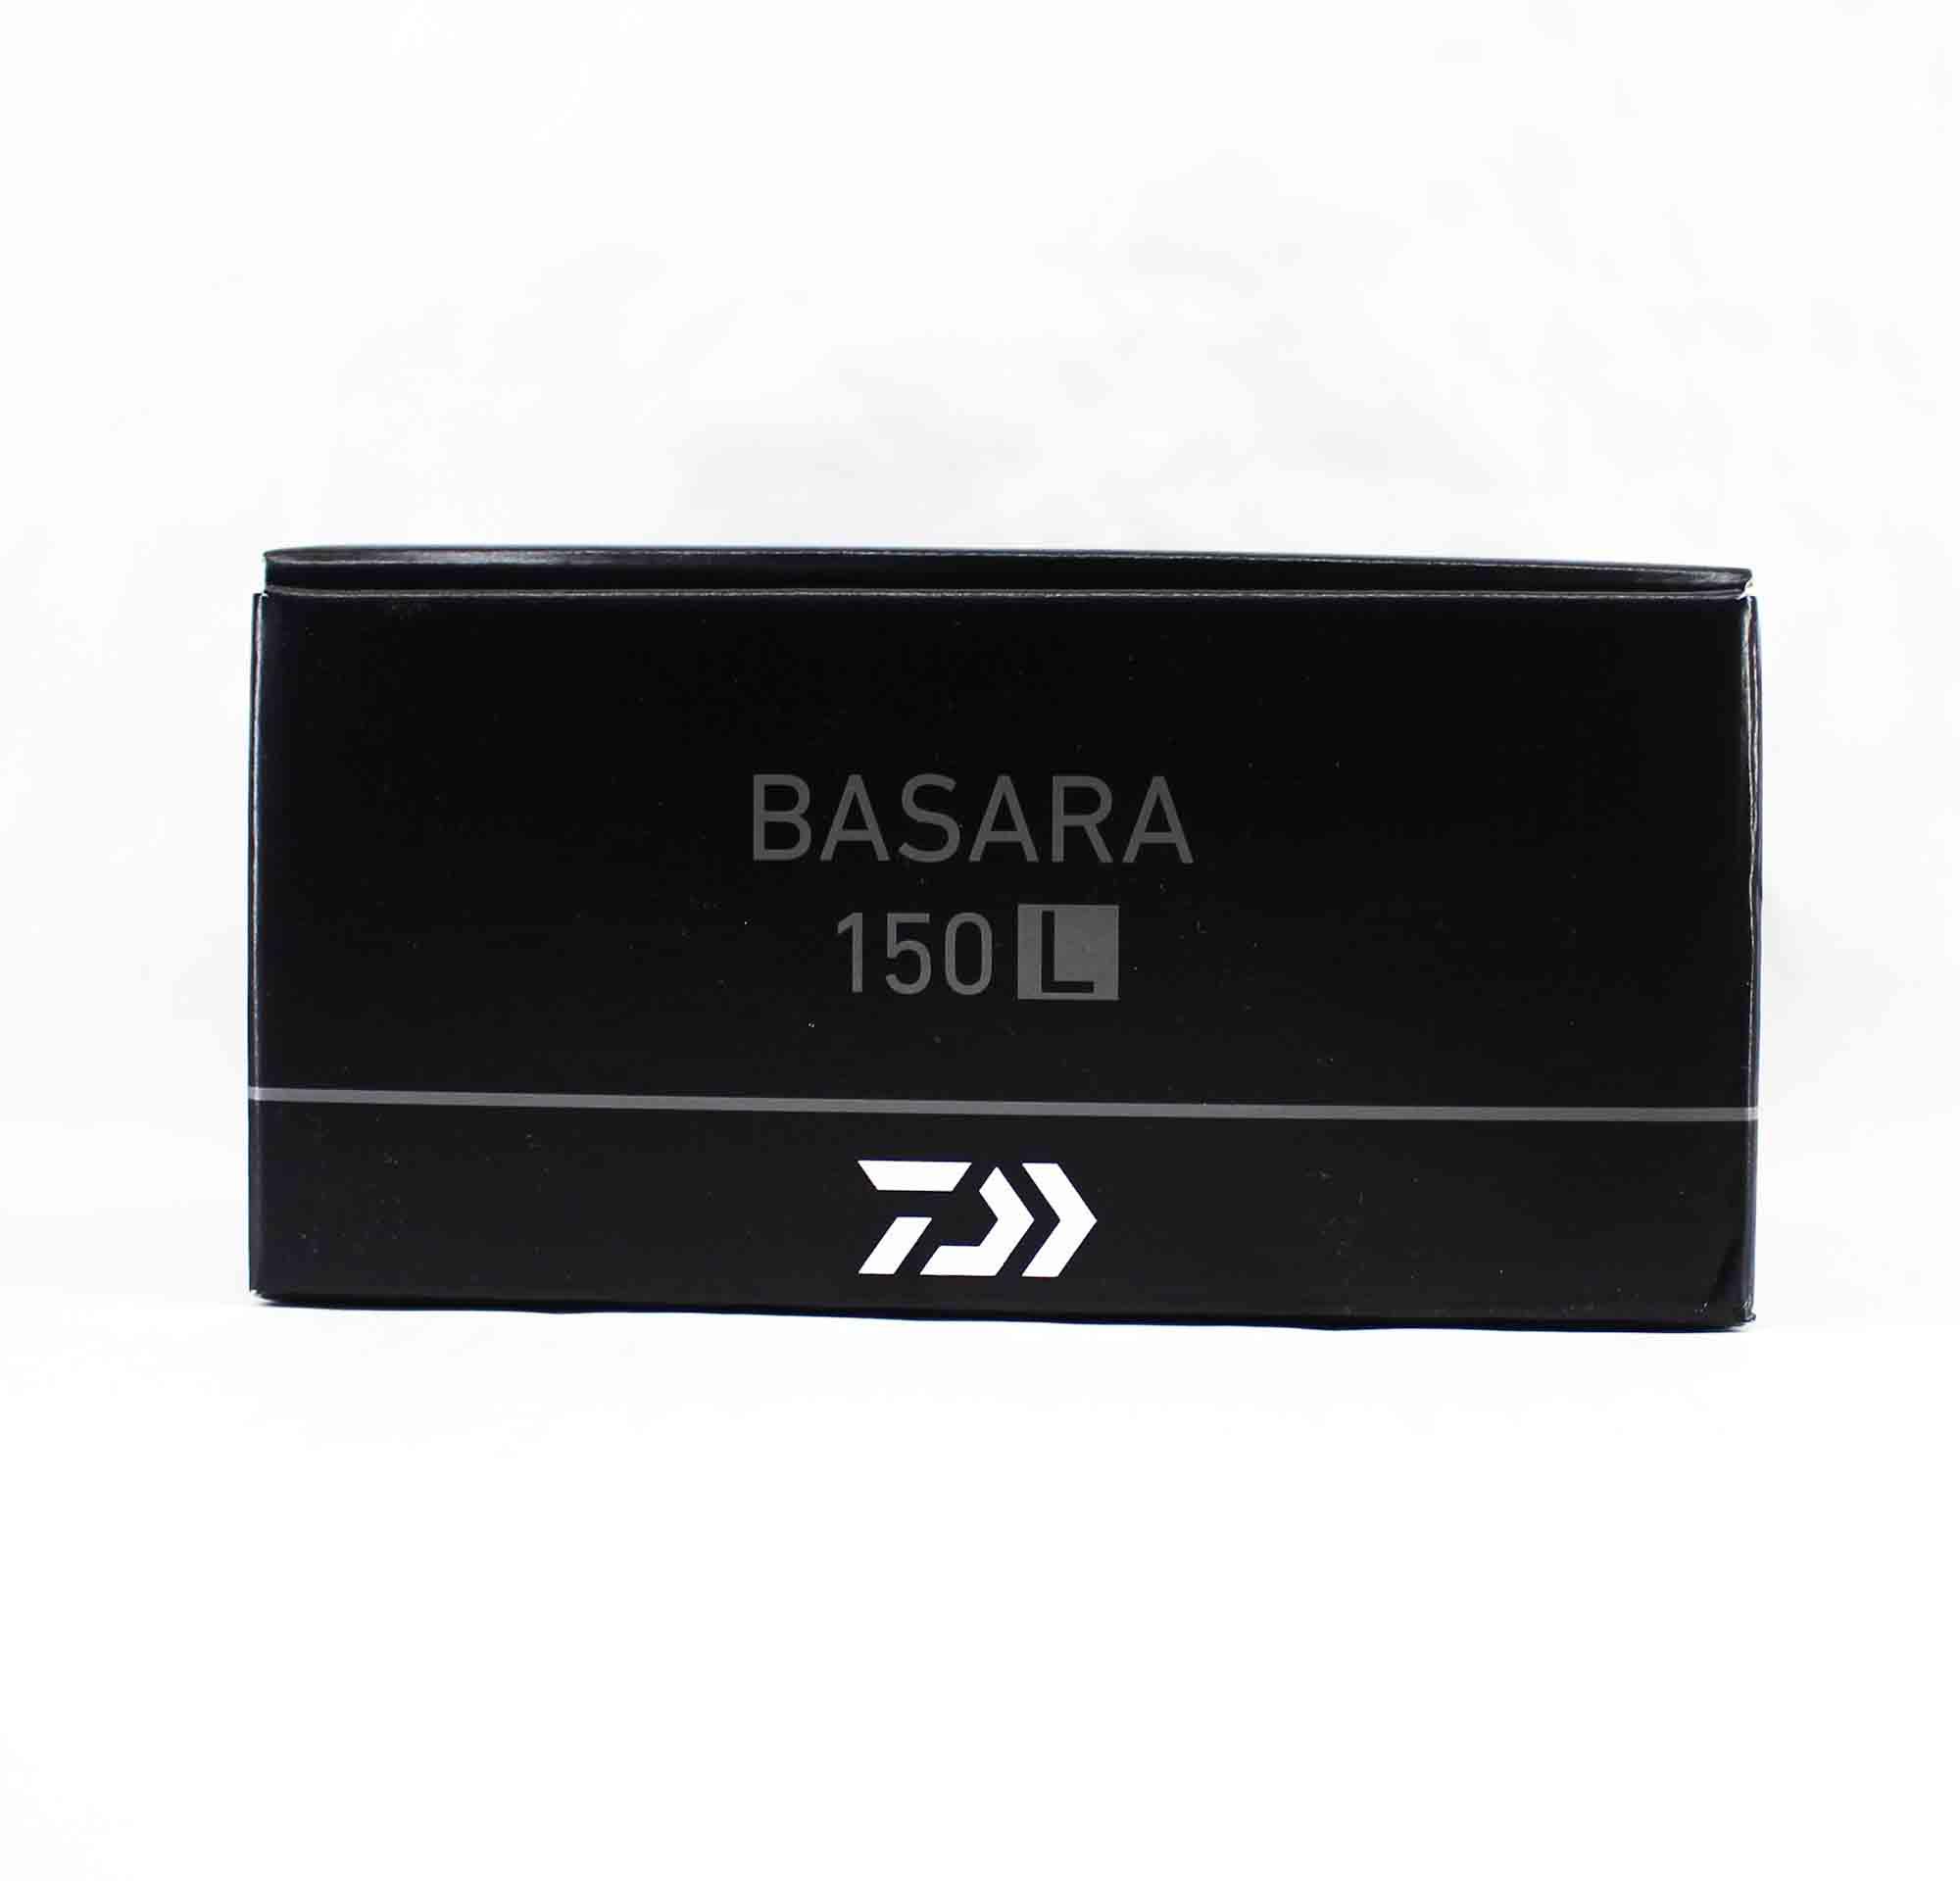 Daiwa Reel Baitcast 21 Basara 150L Left Hand (2093)